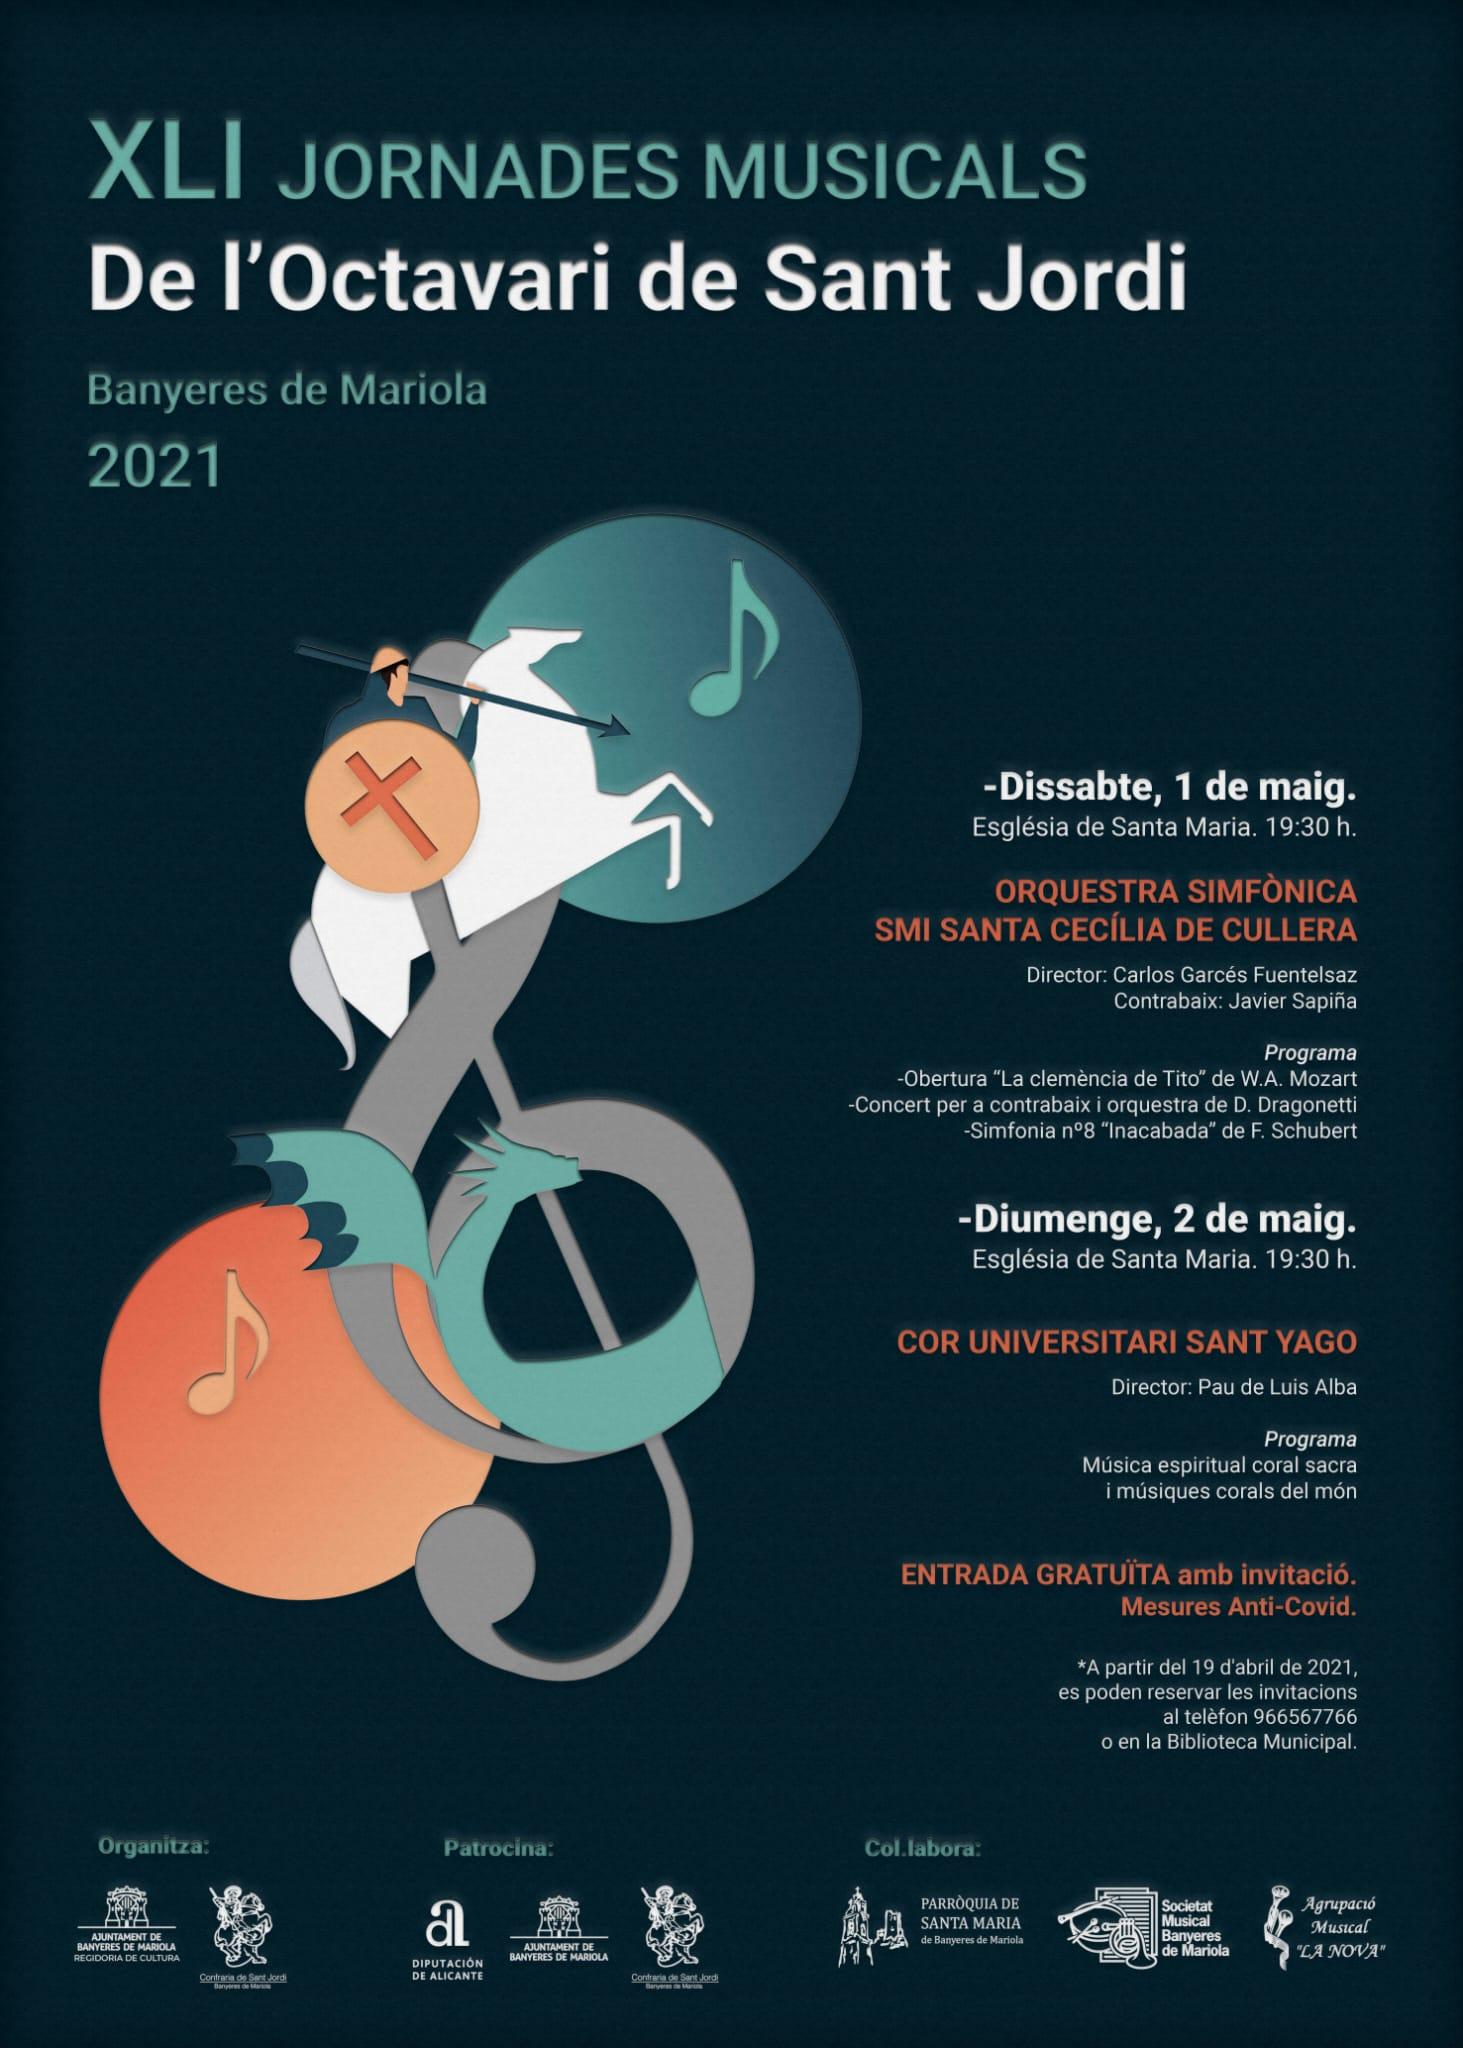 XLI Jornades Musicals de l'Octavari de Sant Jordi (2021)